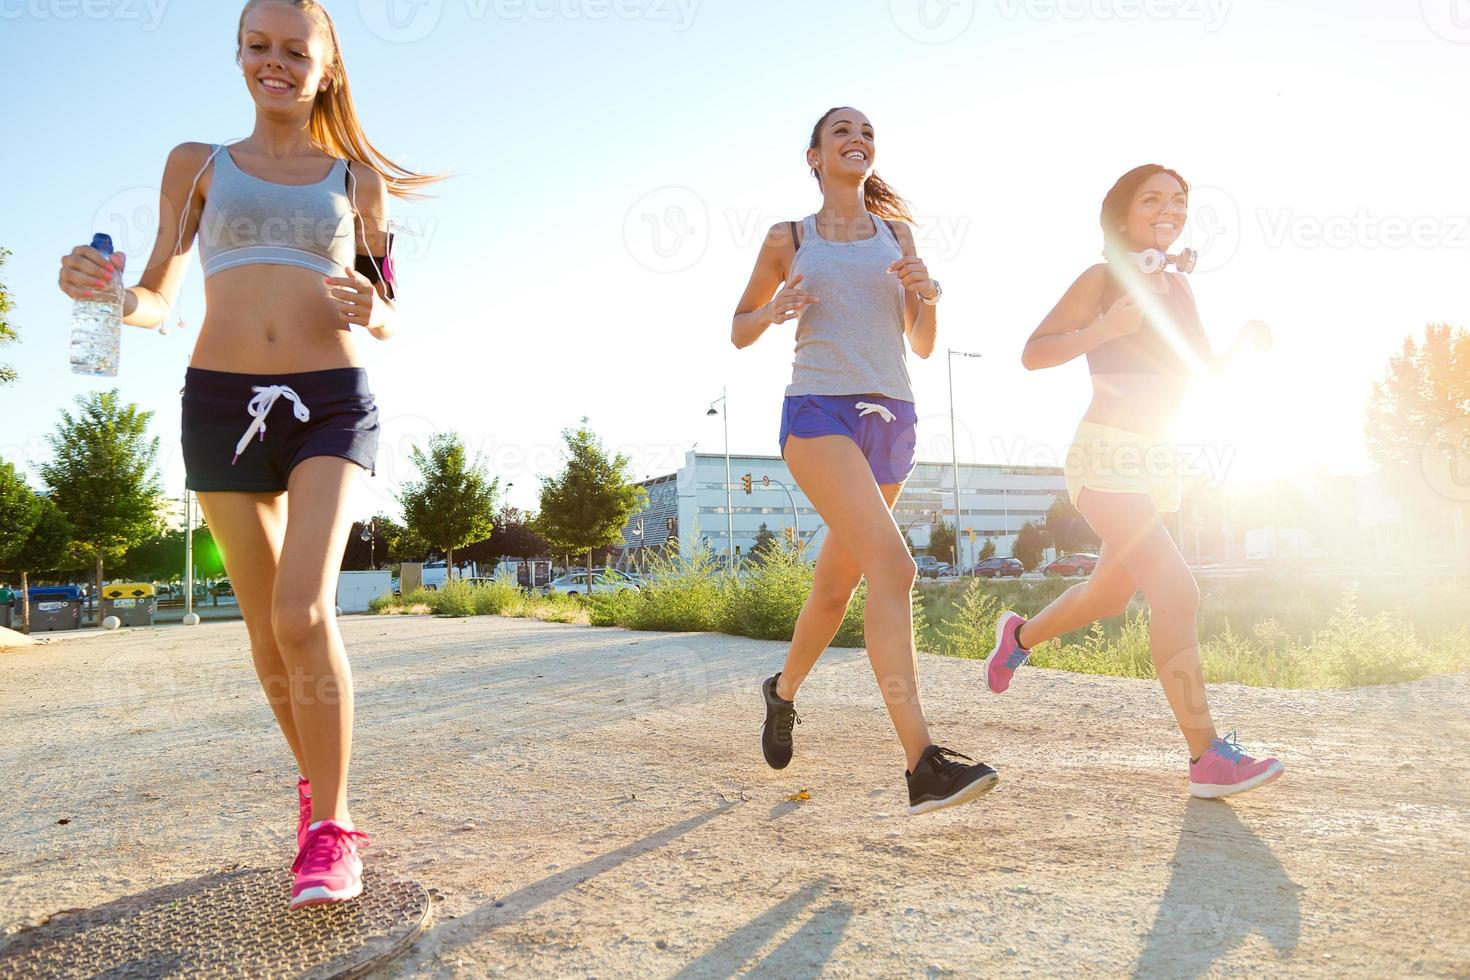 groupe de femmes qui courent dans le parc. photo